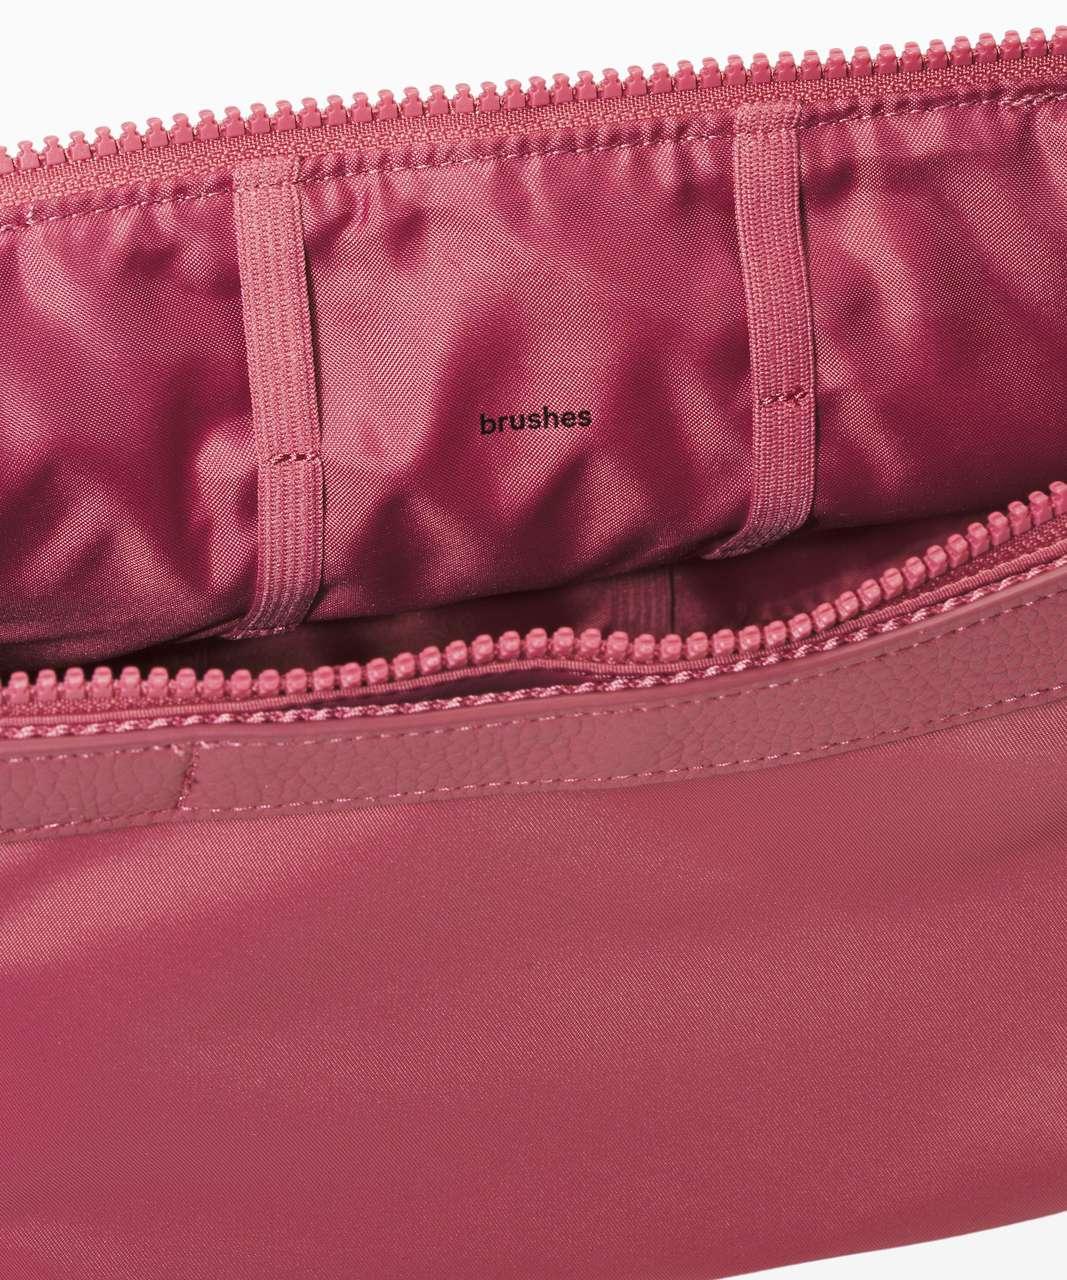 Lululemon Travel Easy Kit *4.5L - Cherry Tint